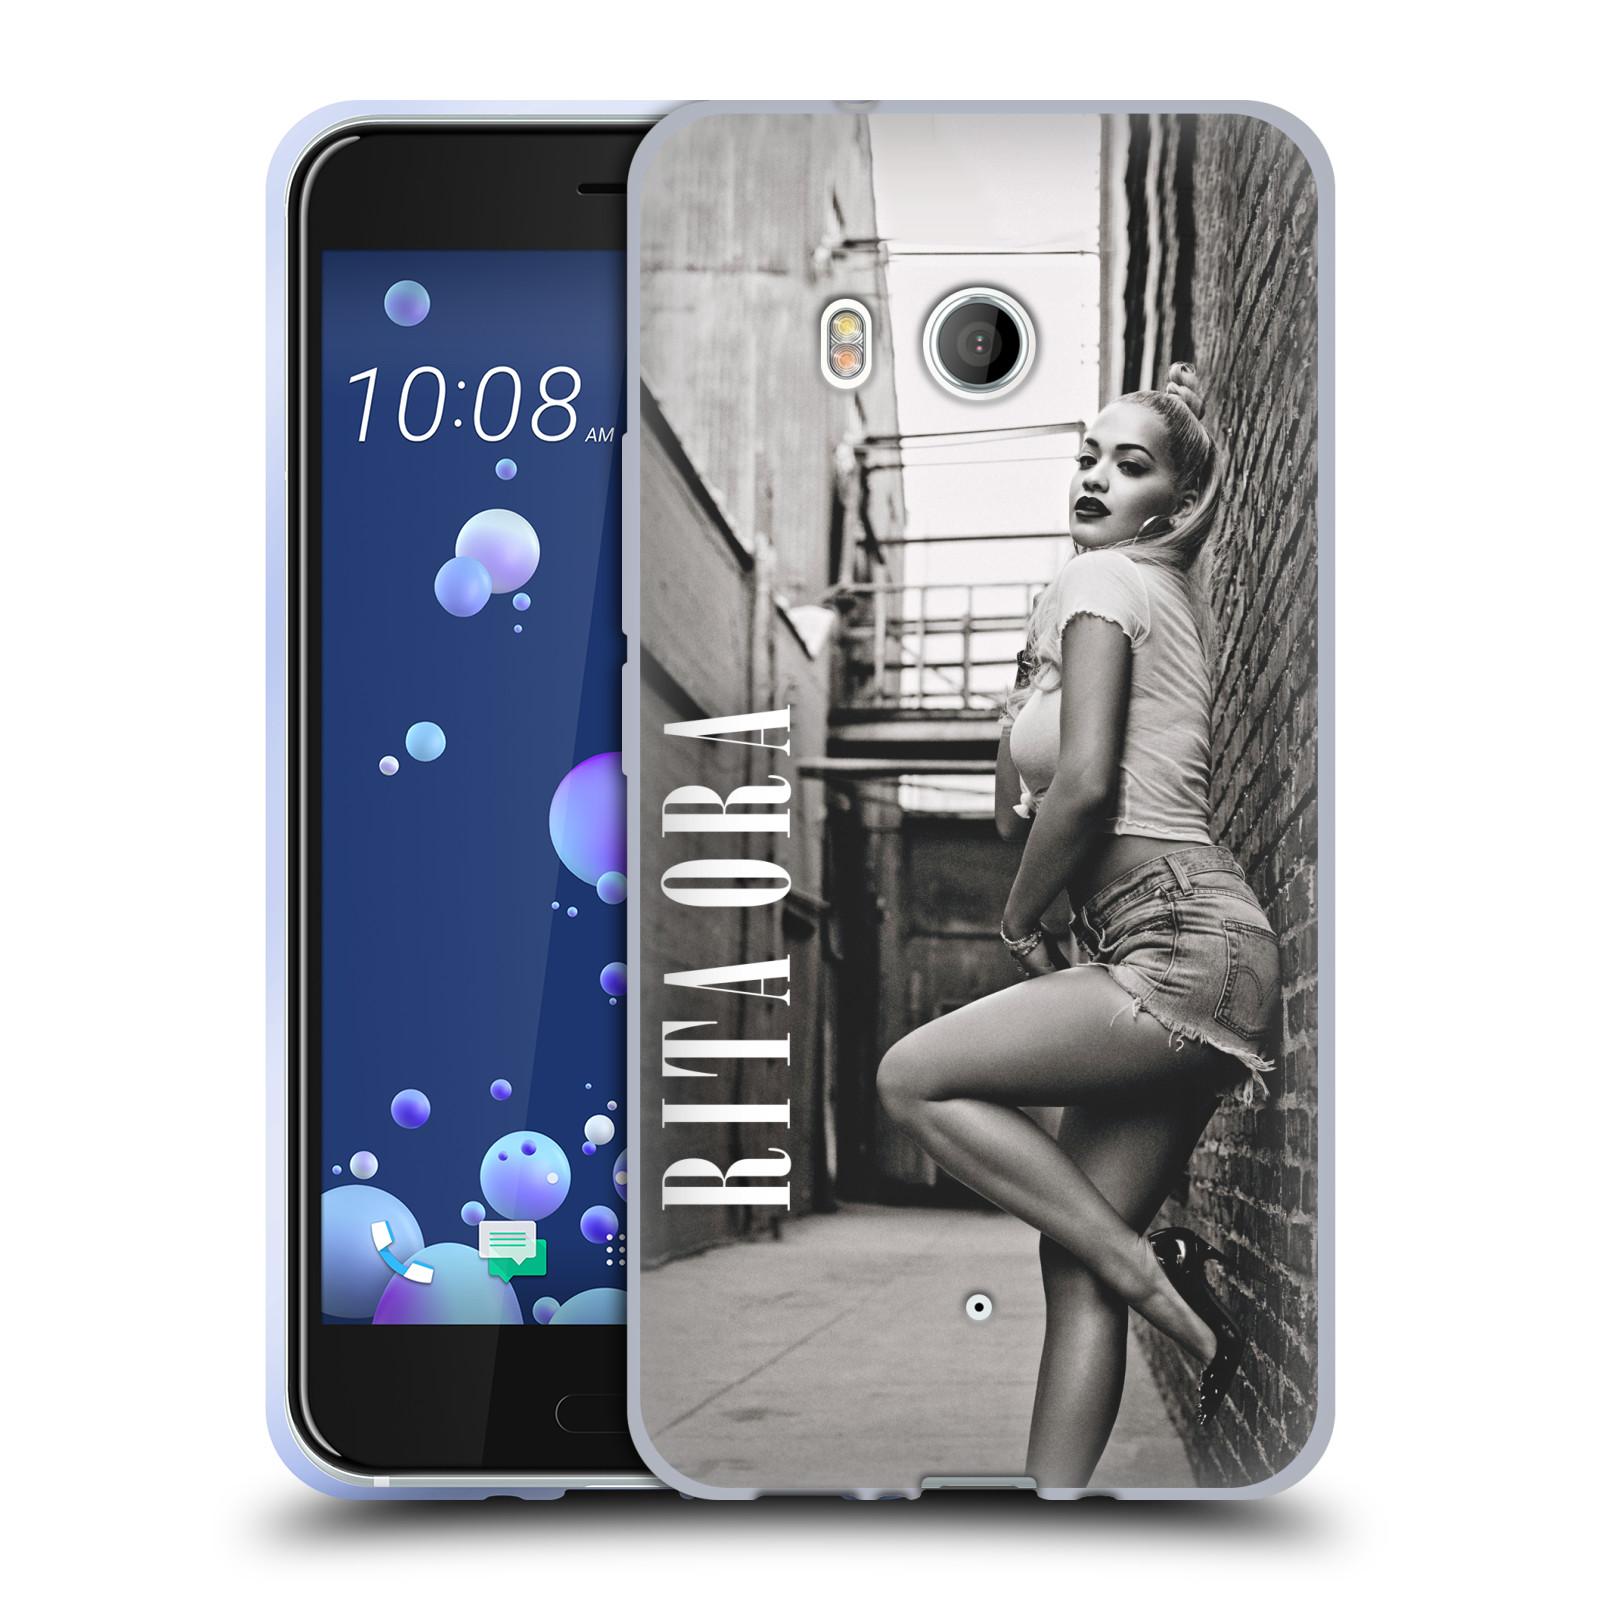 HEAD CASE silikonový obal na mobil HTC U11 / HTC U11 DUAL SIM zpěvačka Rita Ora foto černobílá